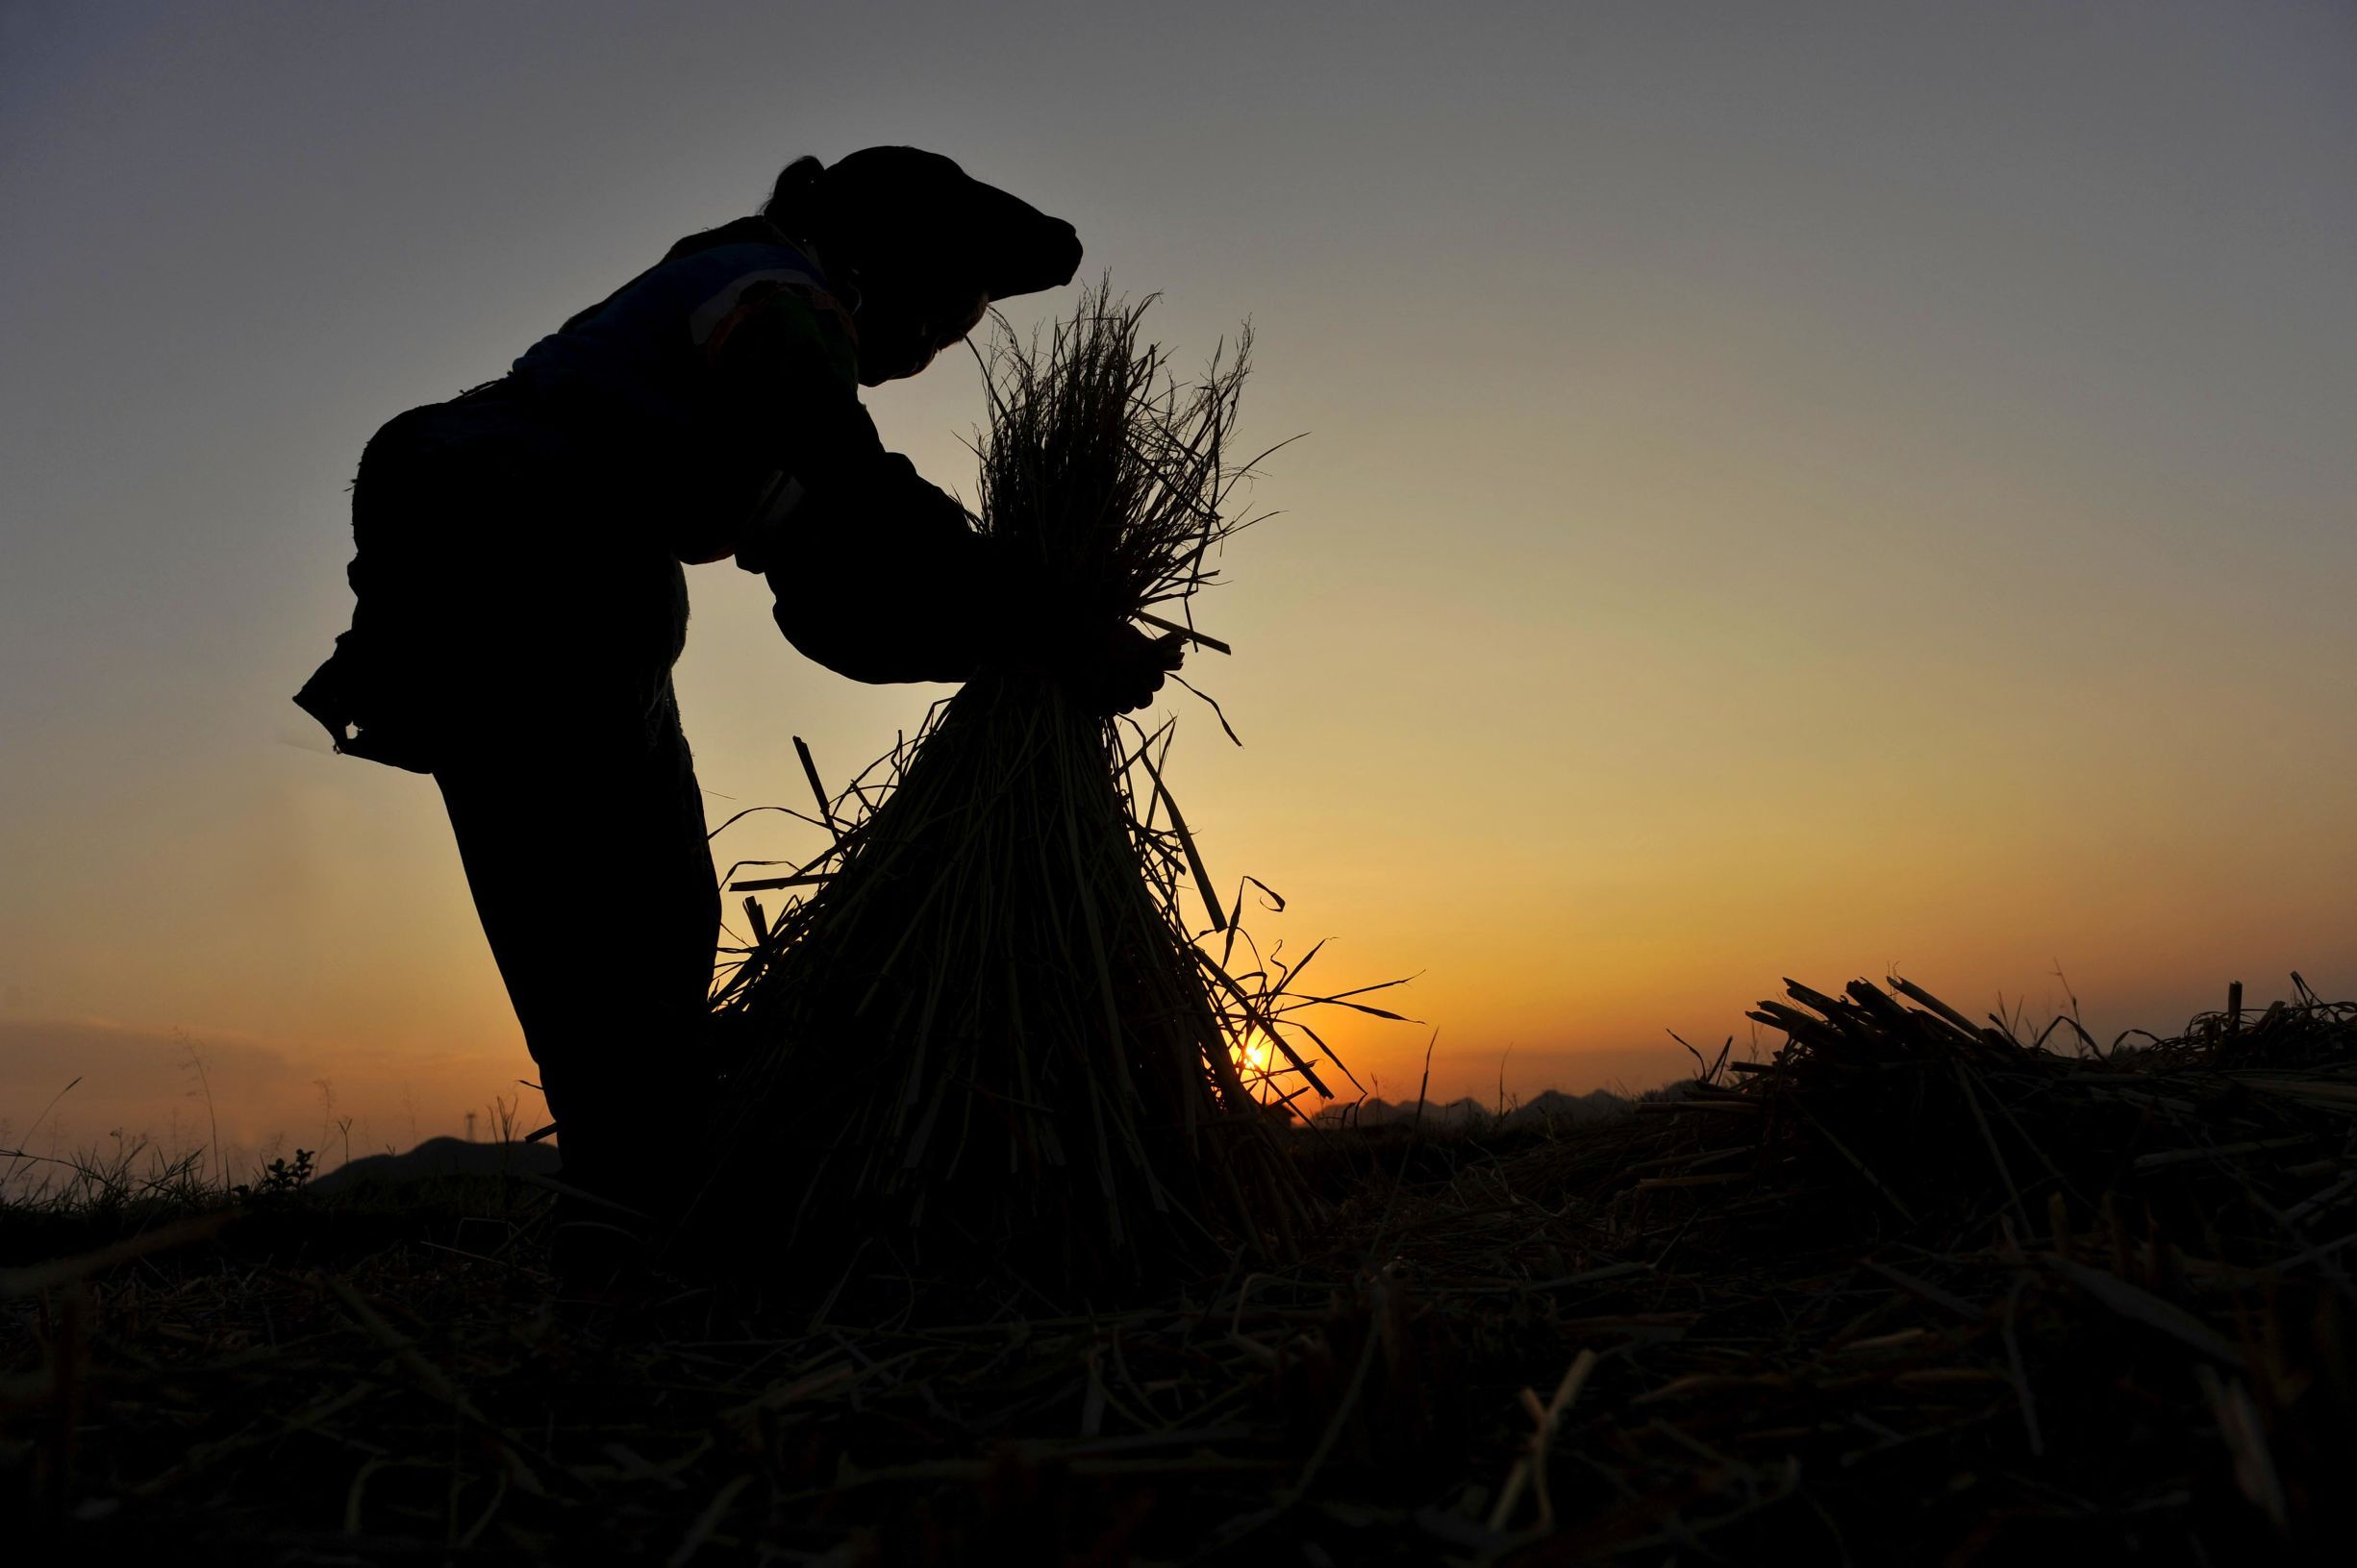 种地_随着机械化发展越来越快,农村不需要那么多农民种地了,只要几个有知识